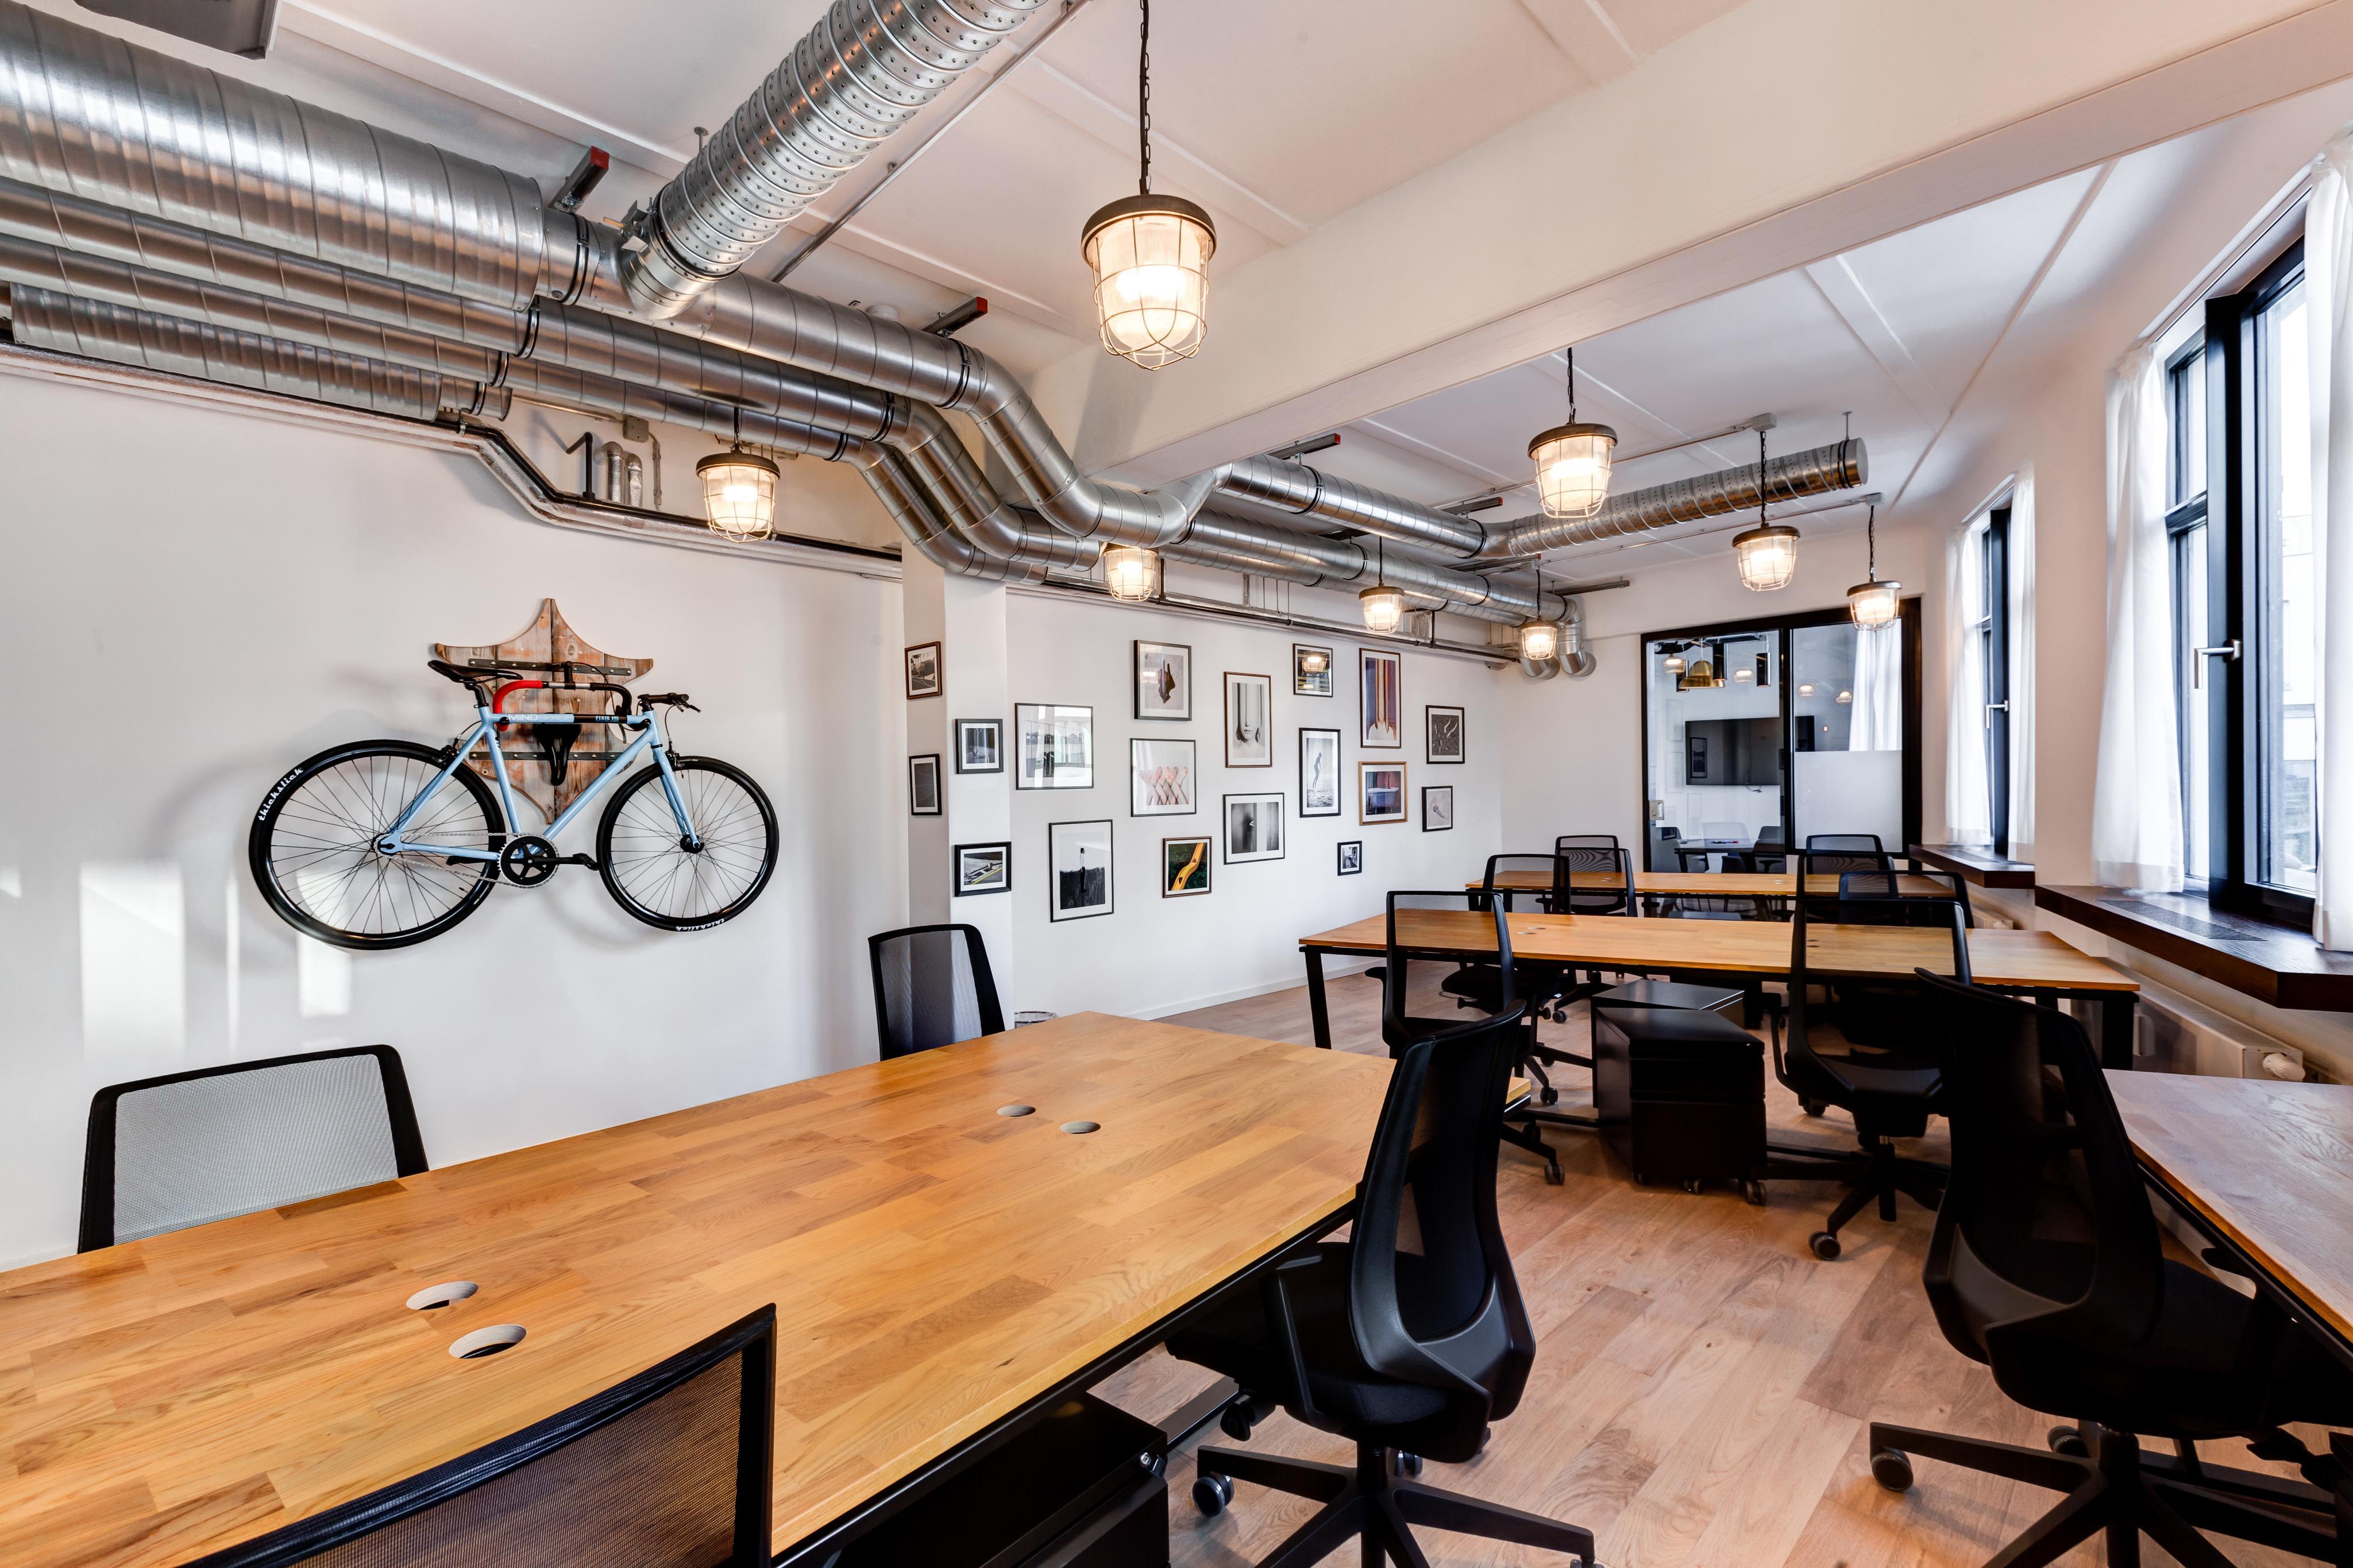 Industriedesign bilder ideen couchstyle for Pendelleuchte industriedesign